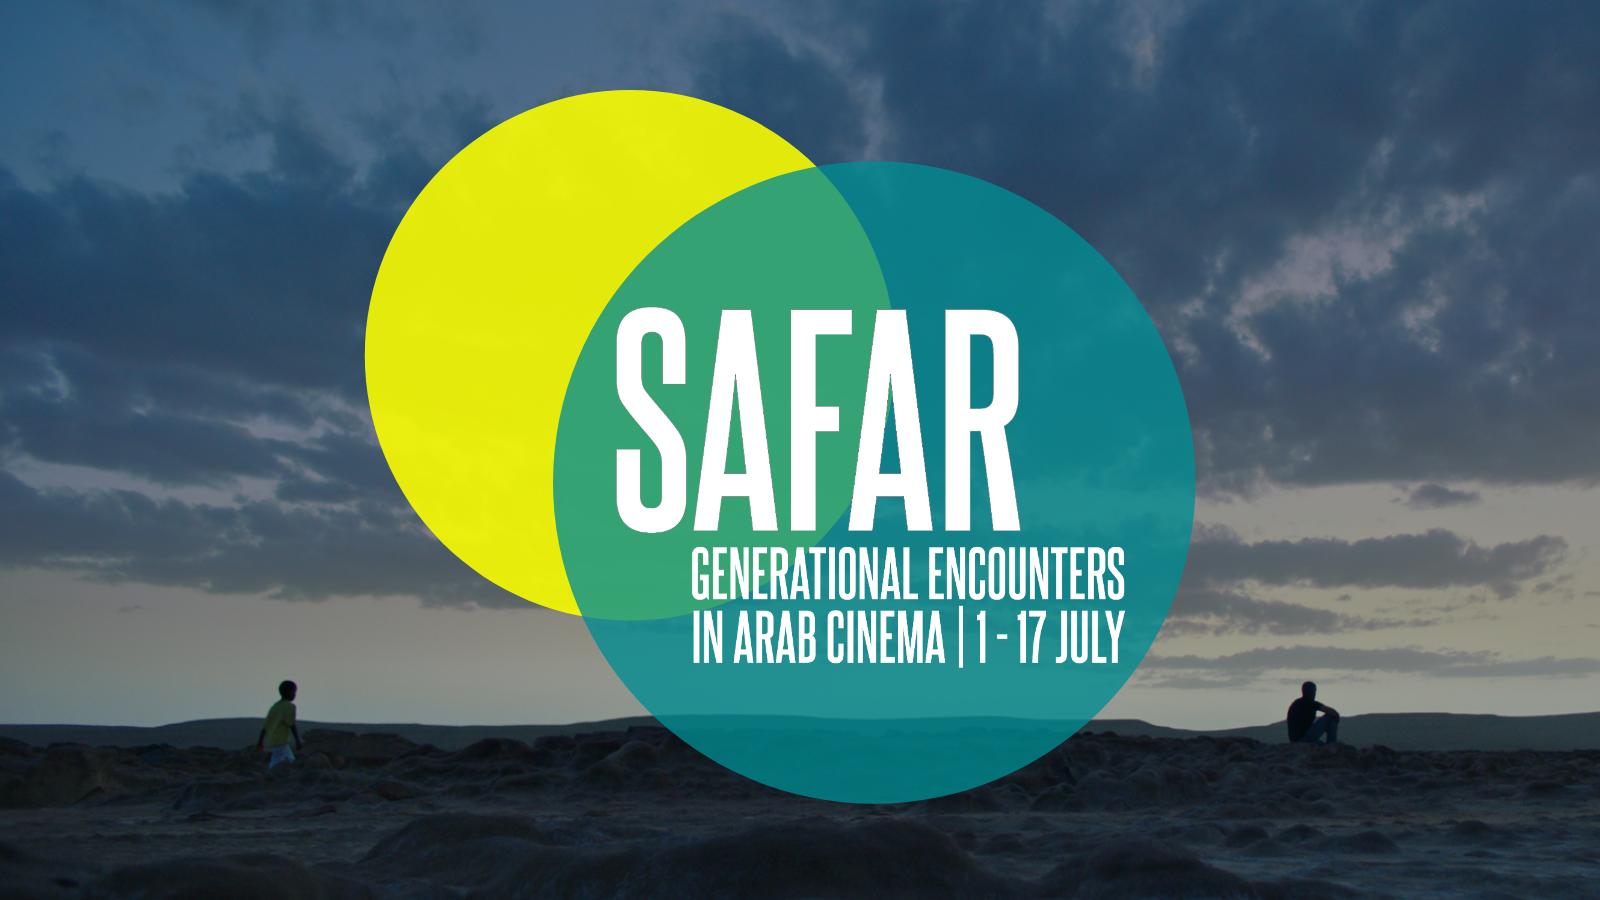 SAFAR festival